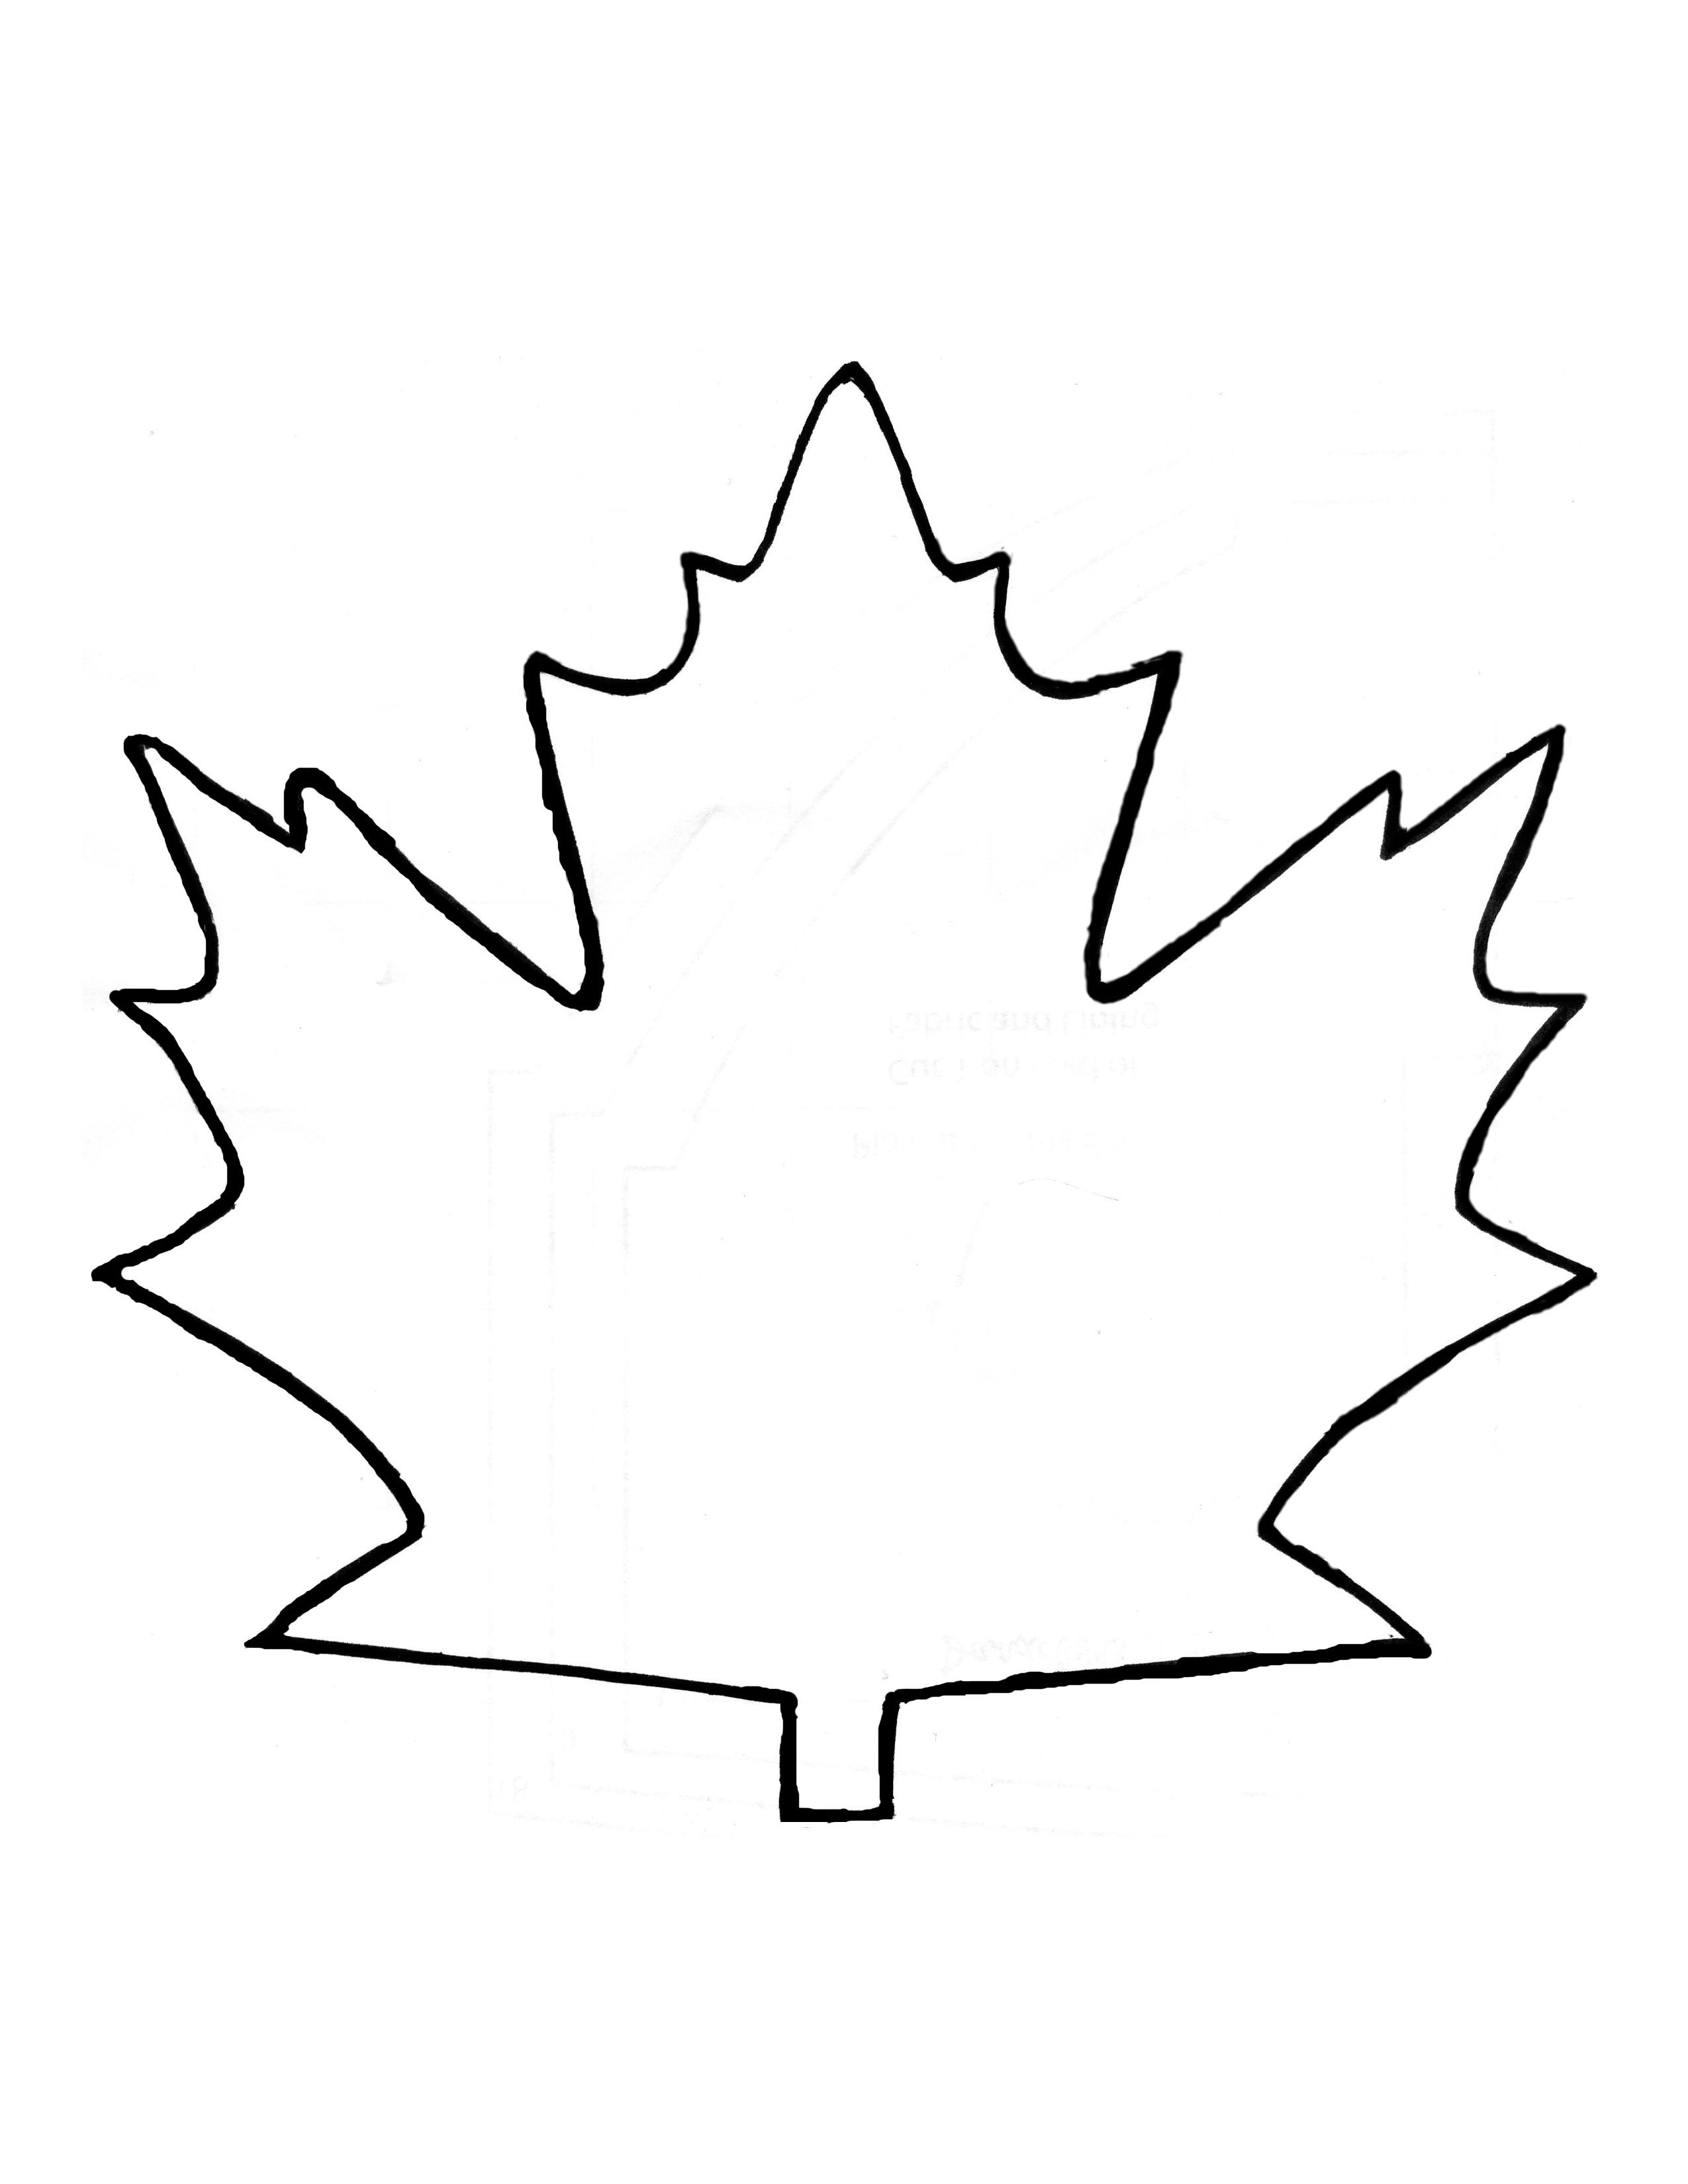 Leaf Outline Images